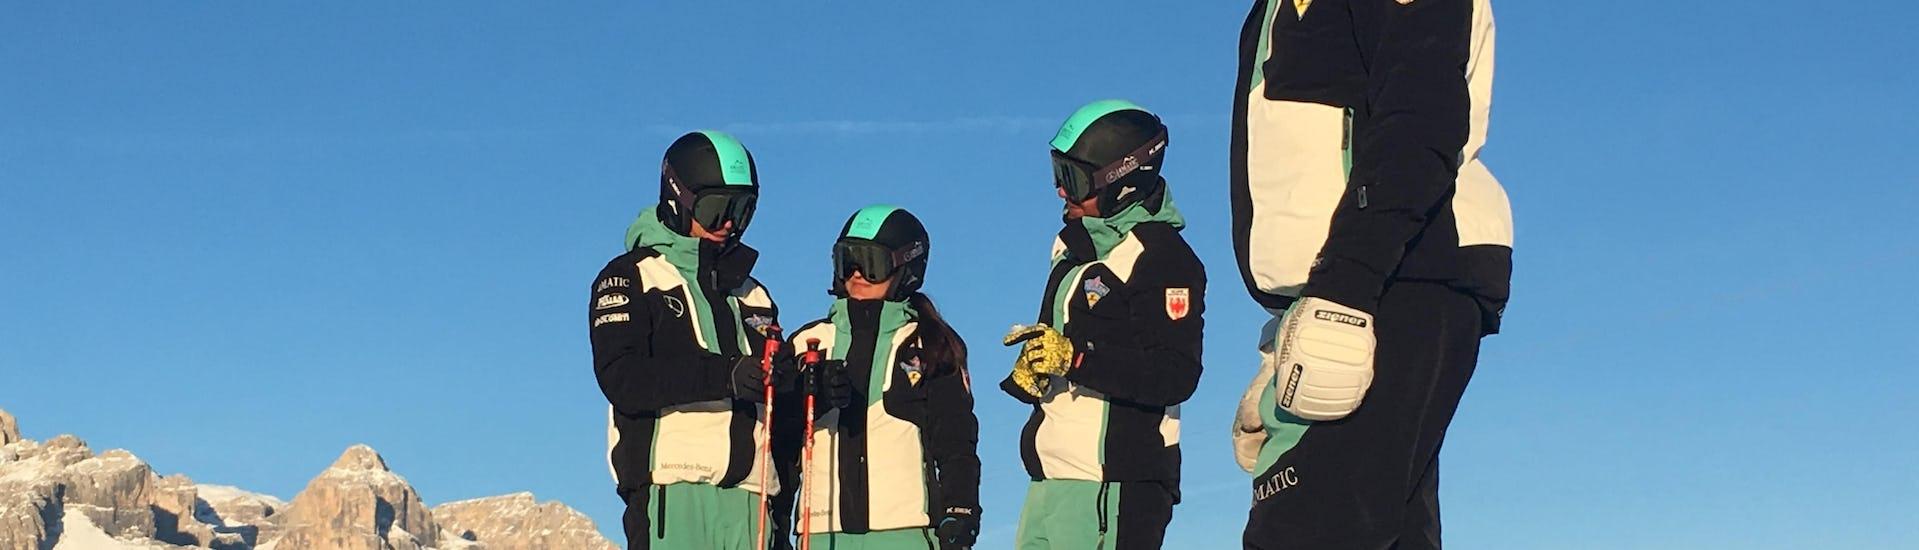 Snowboardkurs für Kinder - Alle Levels